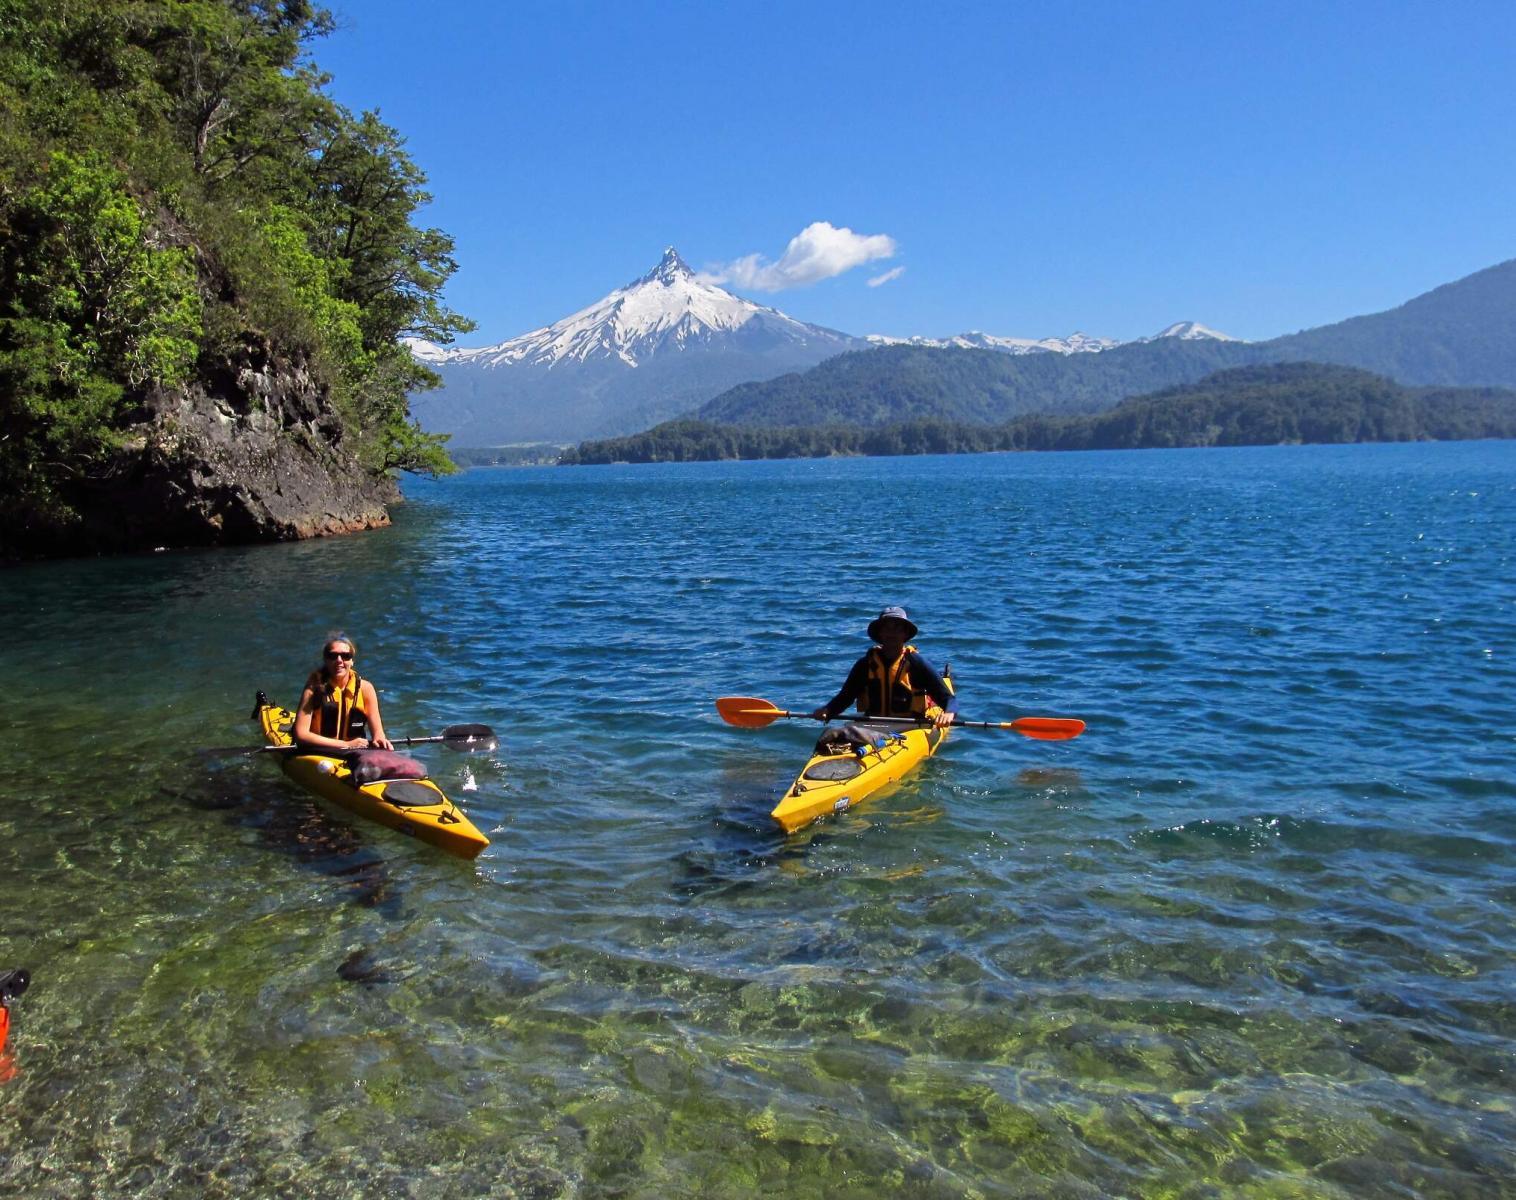 Patagonie  L'Odyssée Andine Etape 7 : Pumalin, la Patagonie au fil de l'eau   Découverte Trek & Randonnée Navigation Balade nature